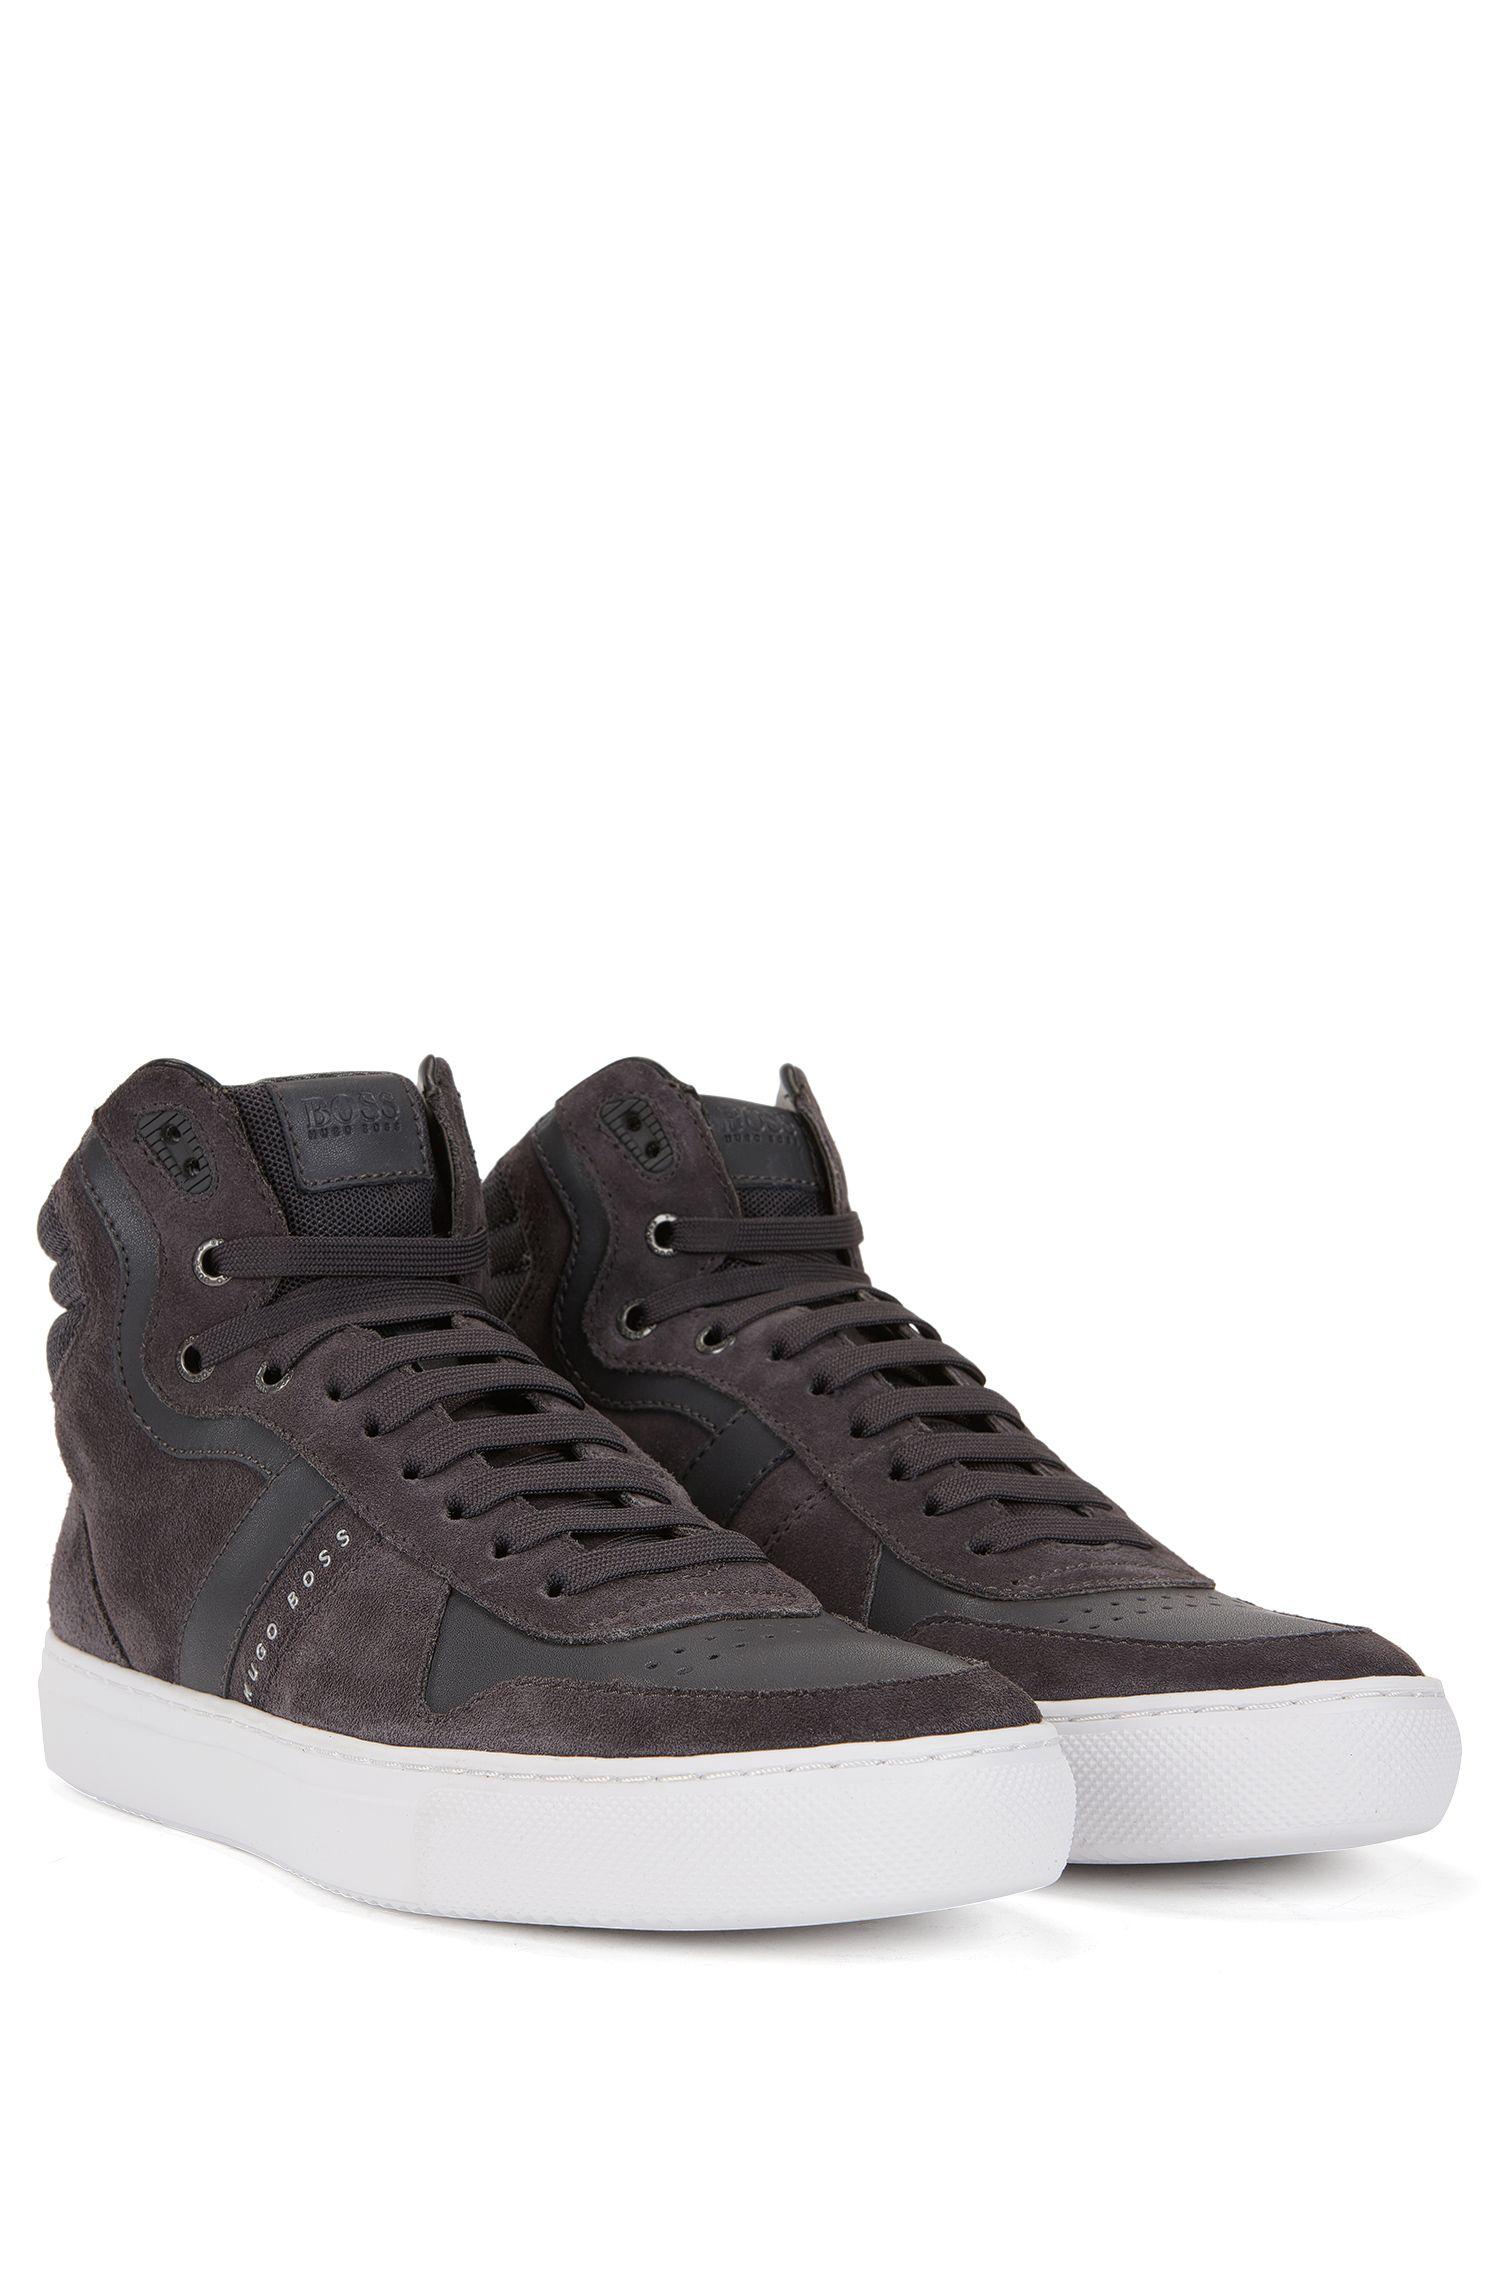 Leather & Suede High Top Sneaker   Enlight Hito Sdmx, Dark Grey